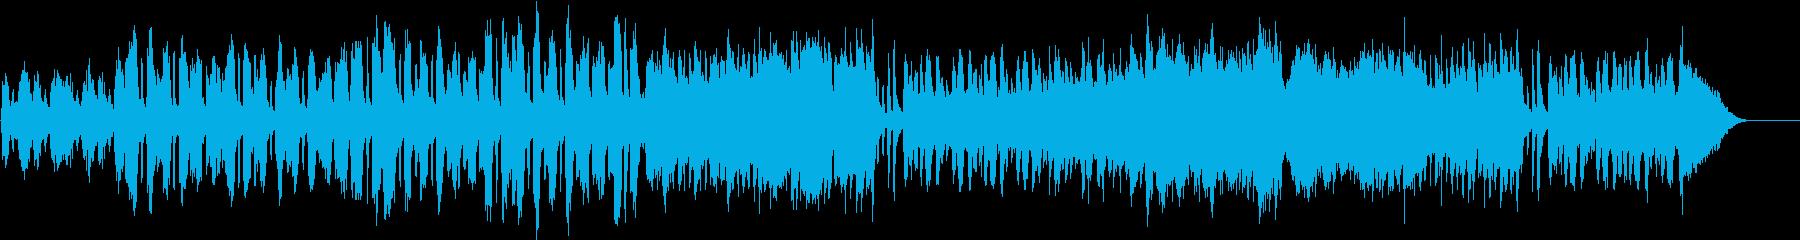 ほのぼの素朴で可愛い前向きな日常BGMの再生済みの波形